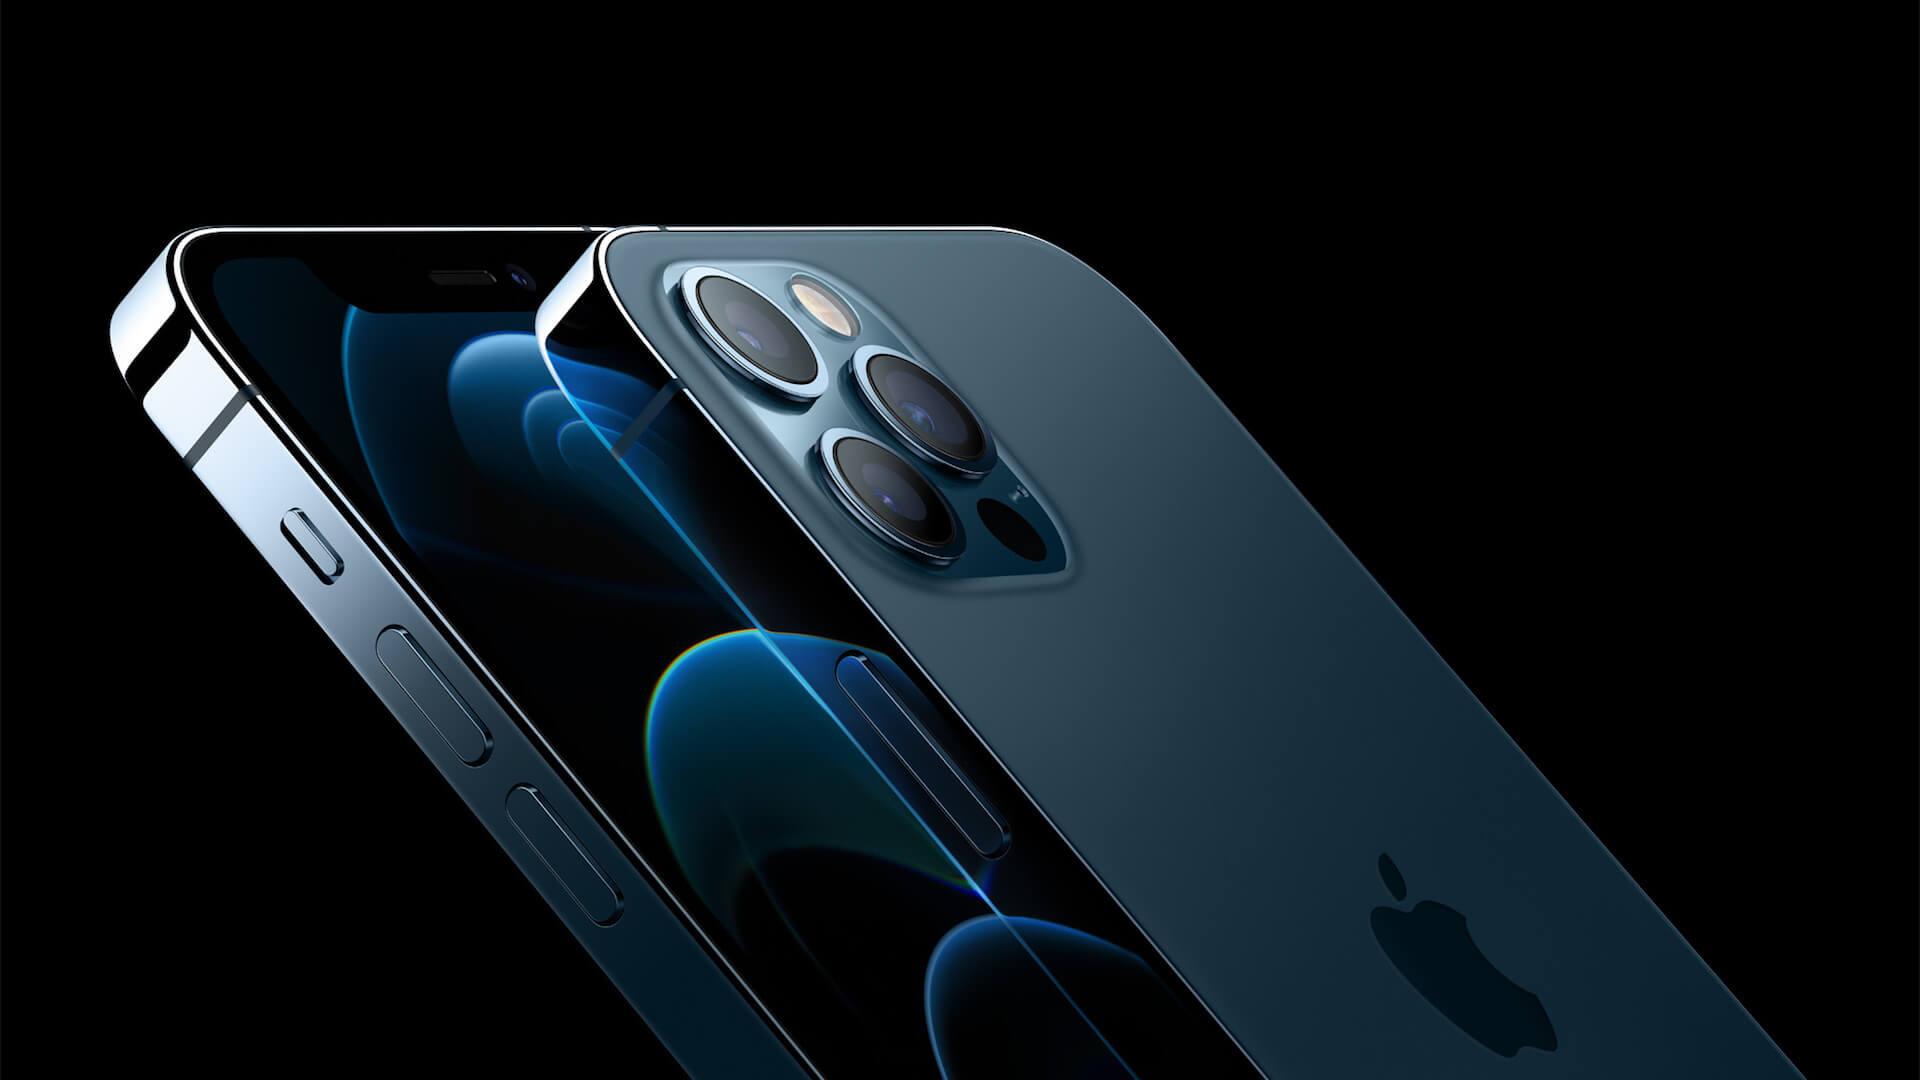 5G対応のiPhone 12シリーズがついに発表!新デザイン、A14 Bionicチップ、MagSafeなど特長をおさらい tech201014_iphone12_1